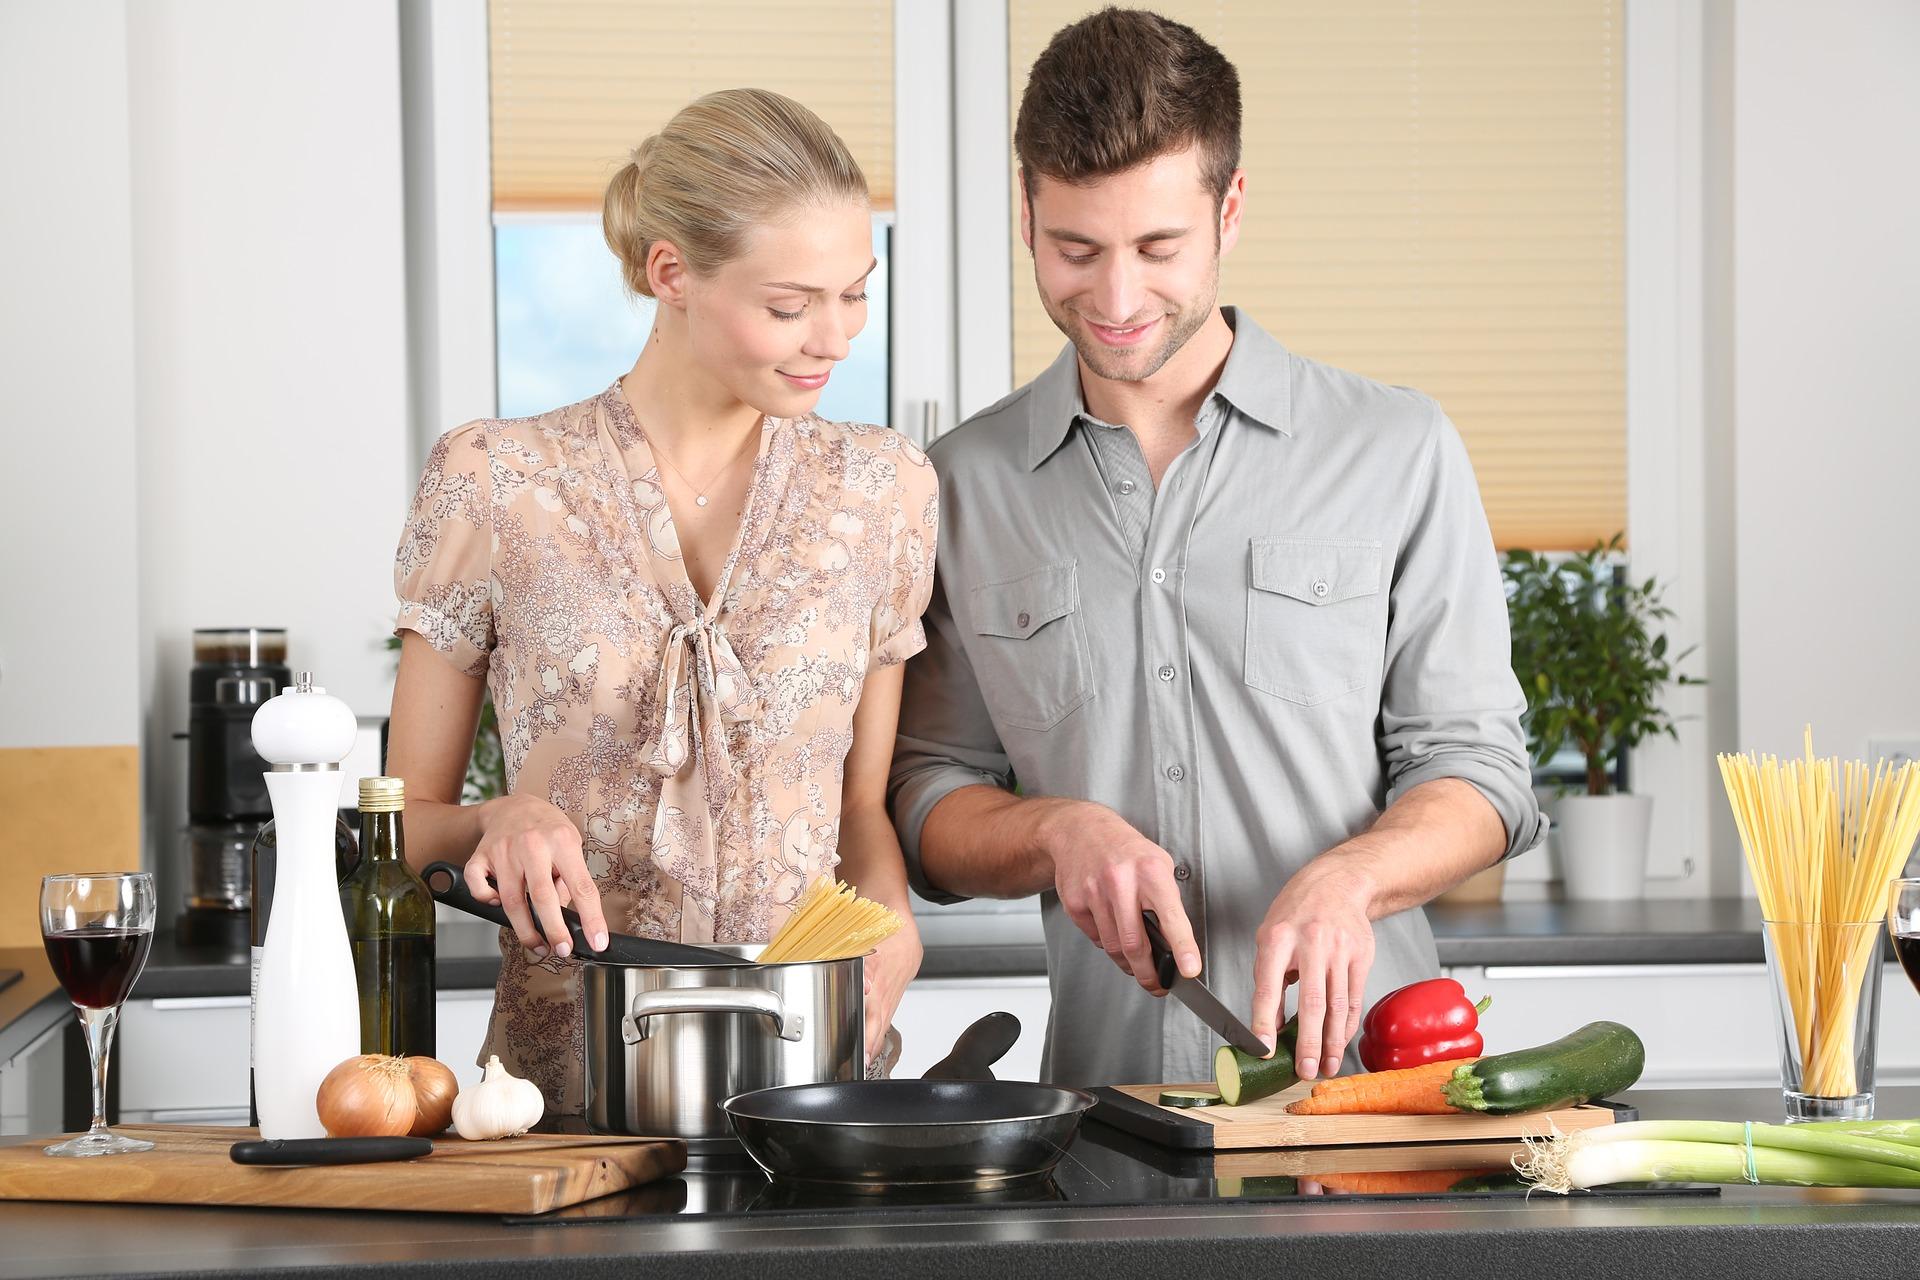 Tradimento | Il tuo matrimonio può sopravvivere all'infedeltà?